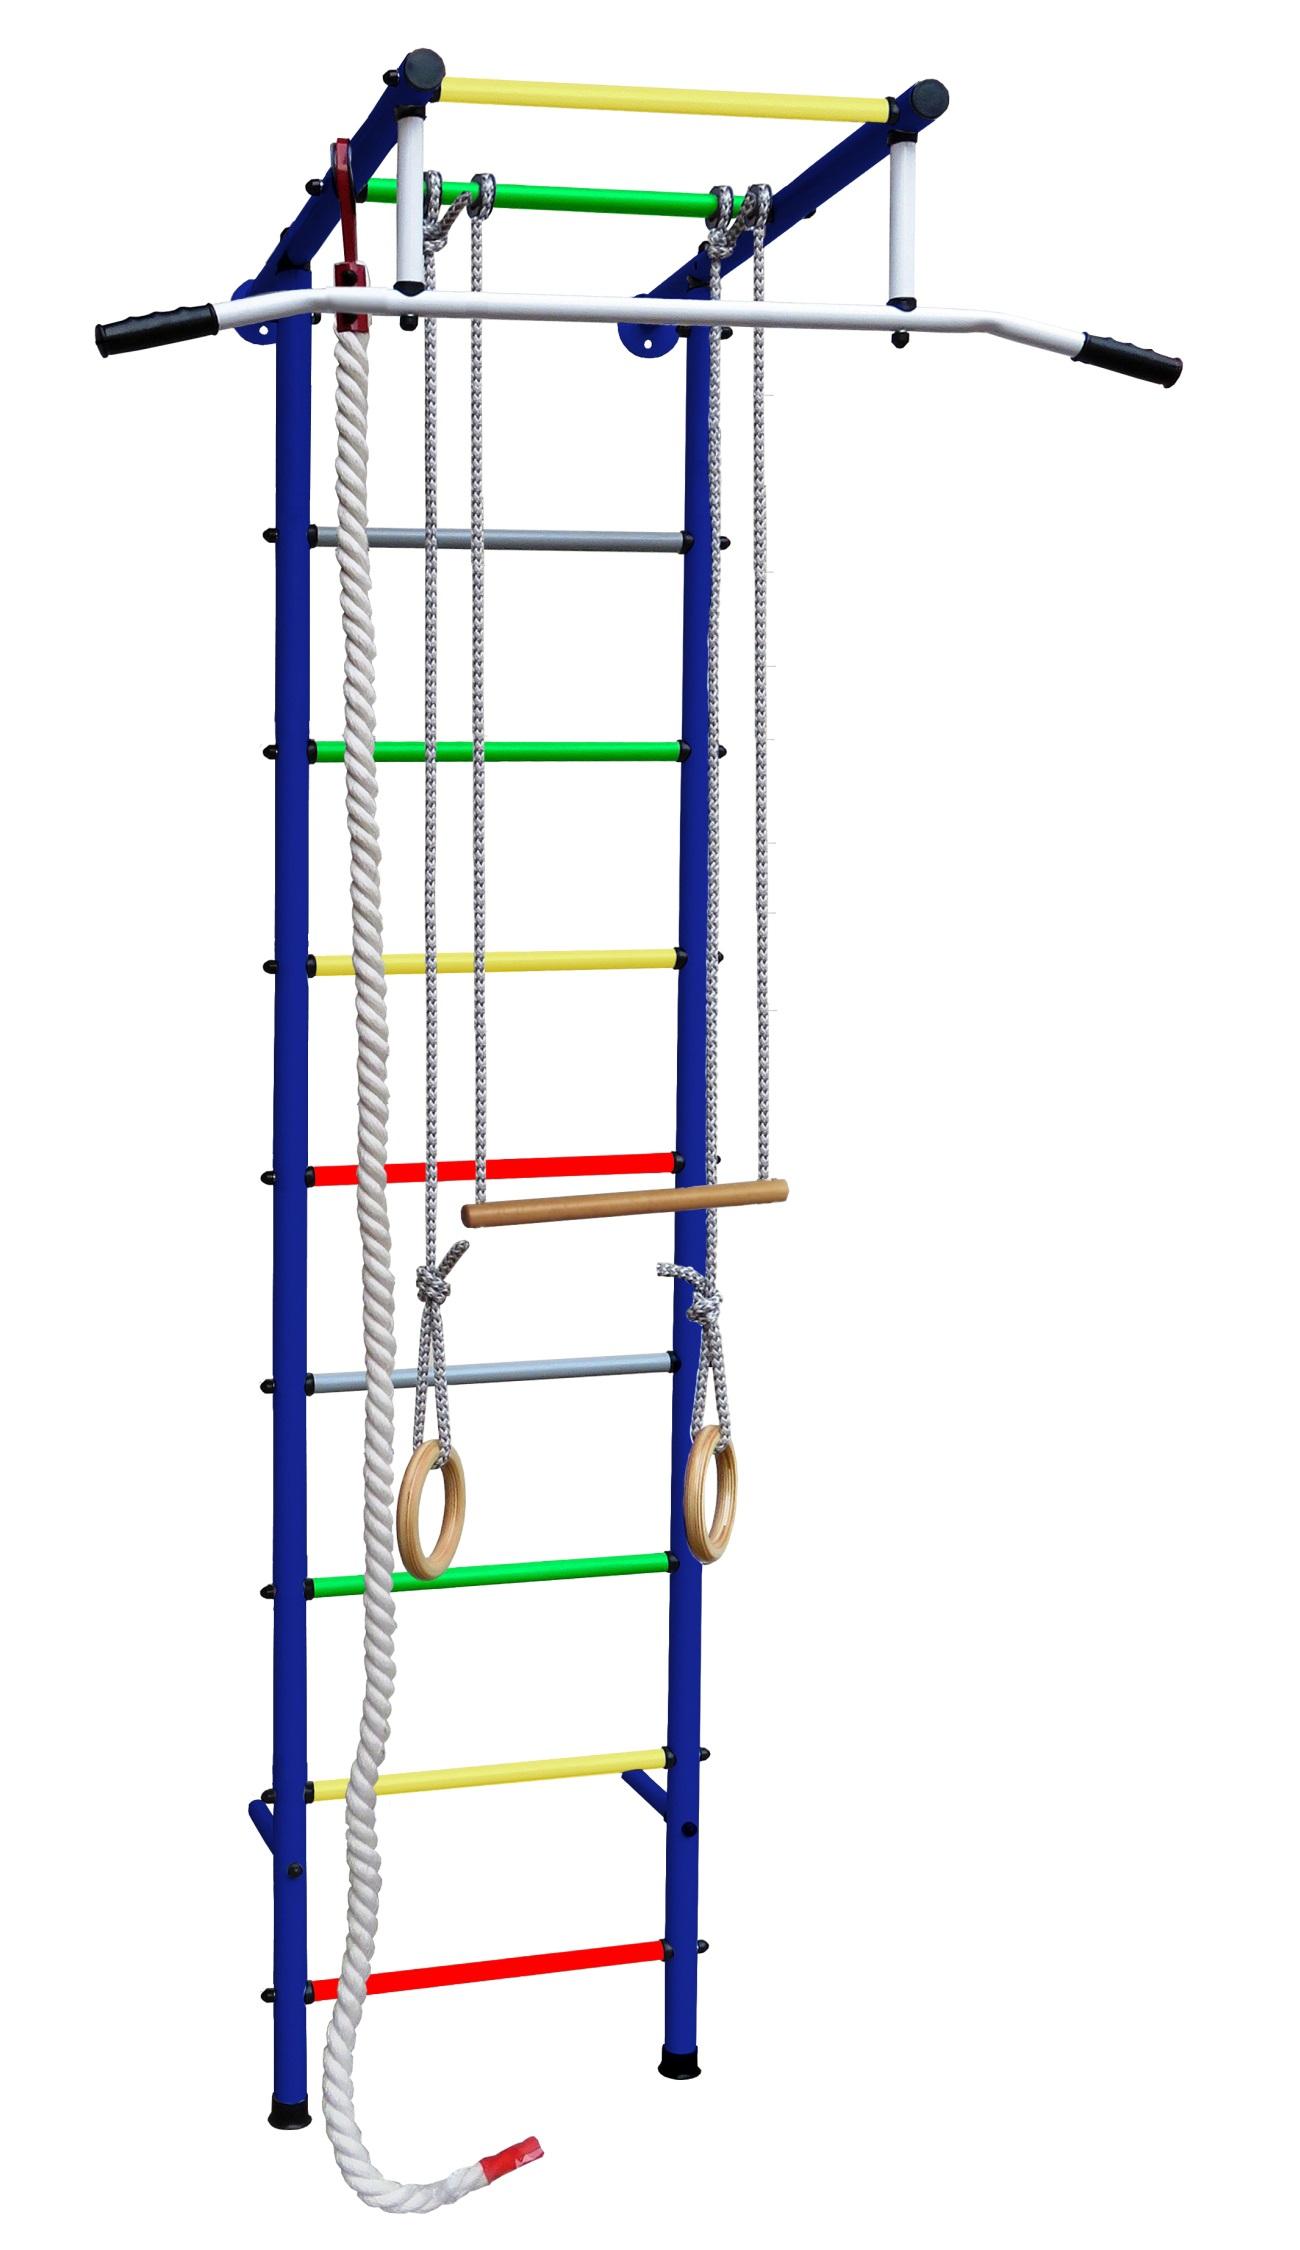 Купить Детский спортивный комплекс Юнга 3.1, цветные перекладины, Вертикаль